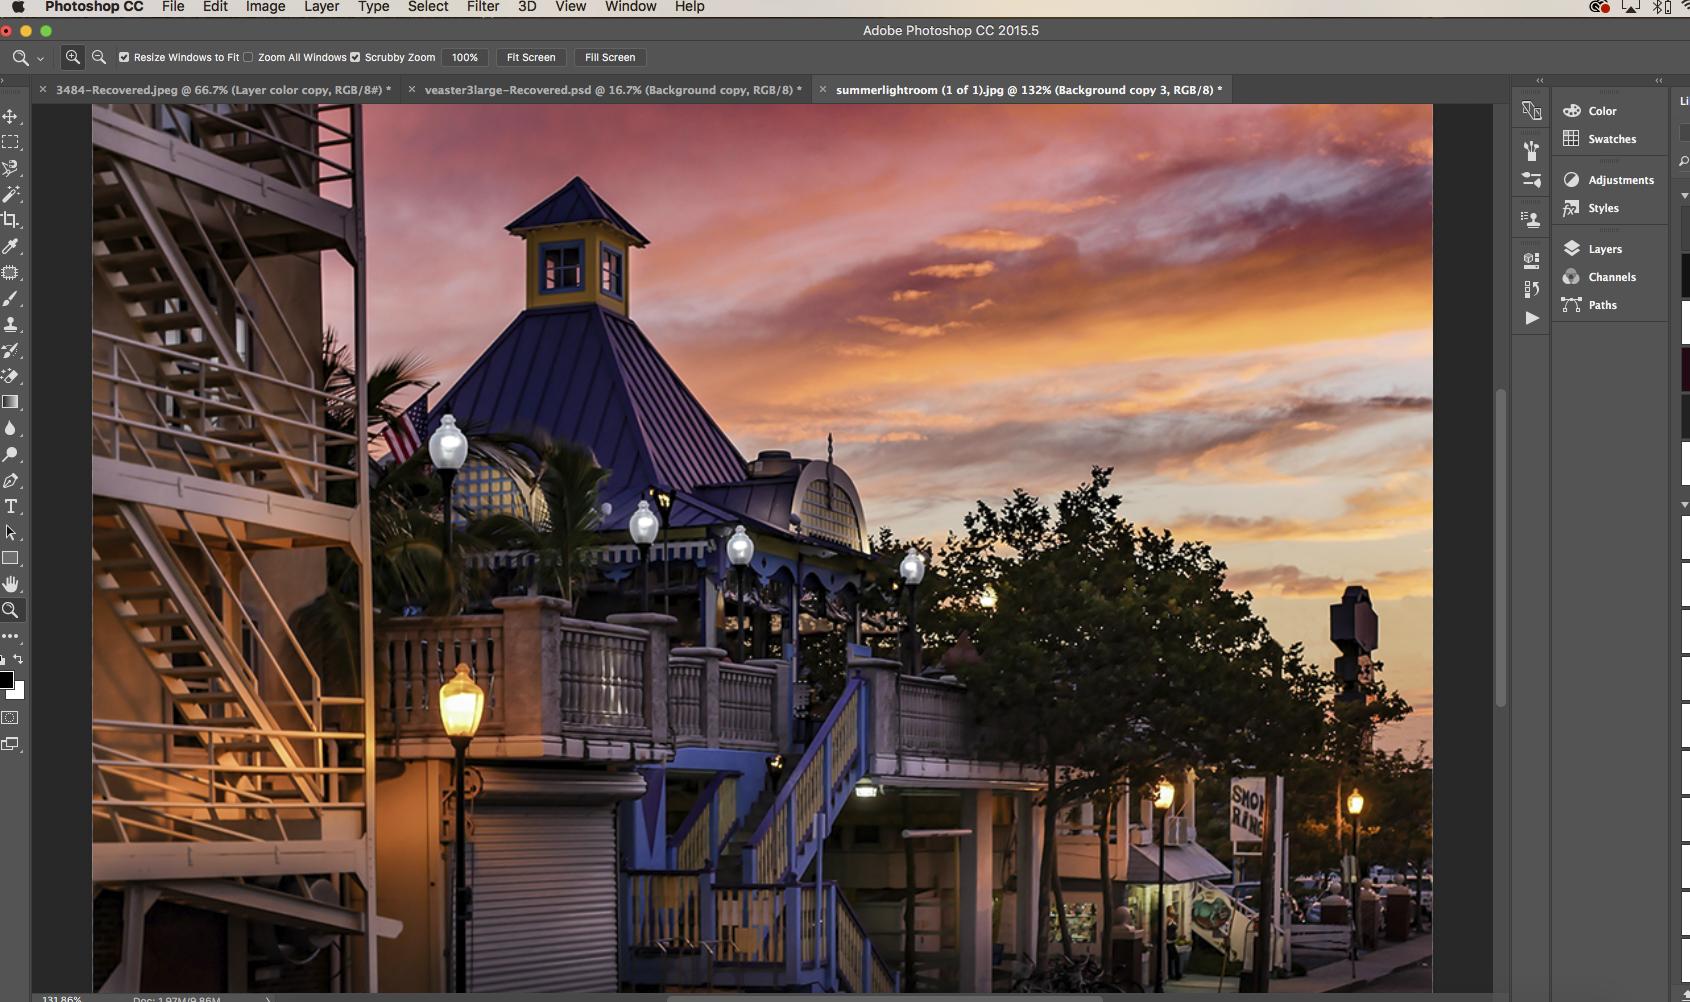 summer5 Summer Sunset Edit For Lightroom and Photoshop Lightroom Presets Lightroom Tutorials Photoshop Tips & Tutorials